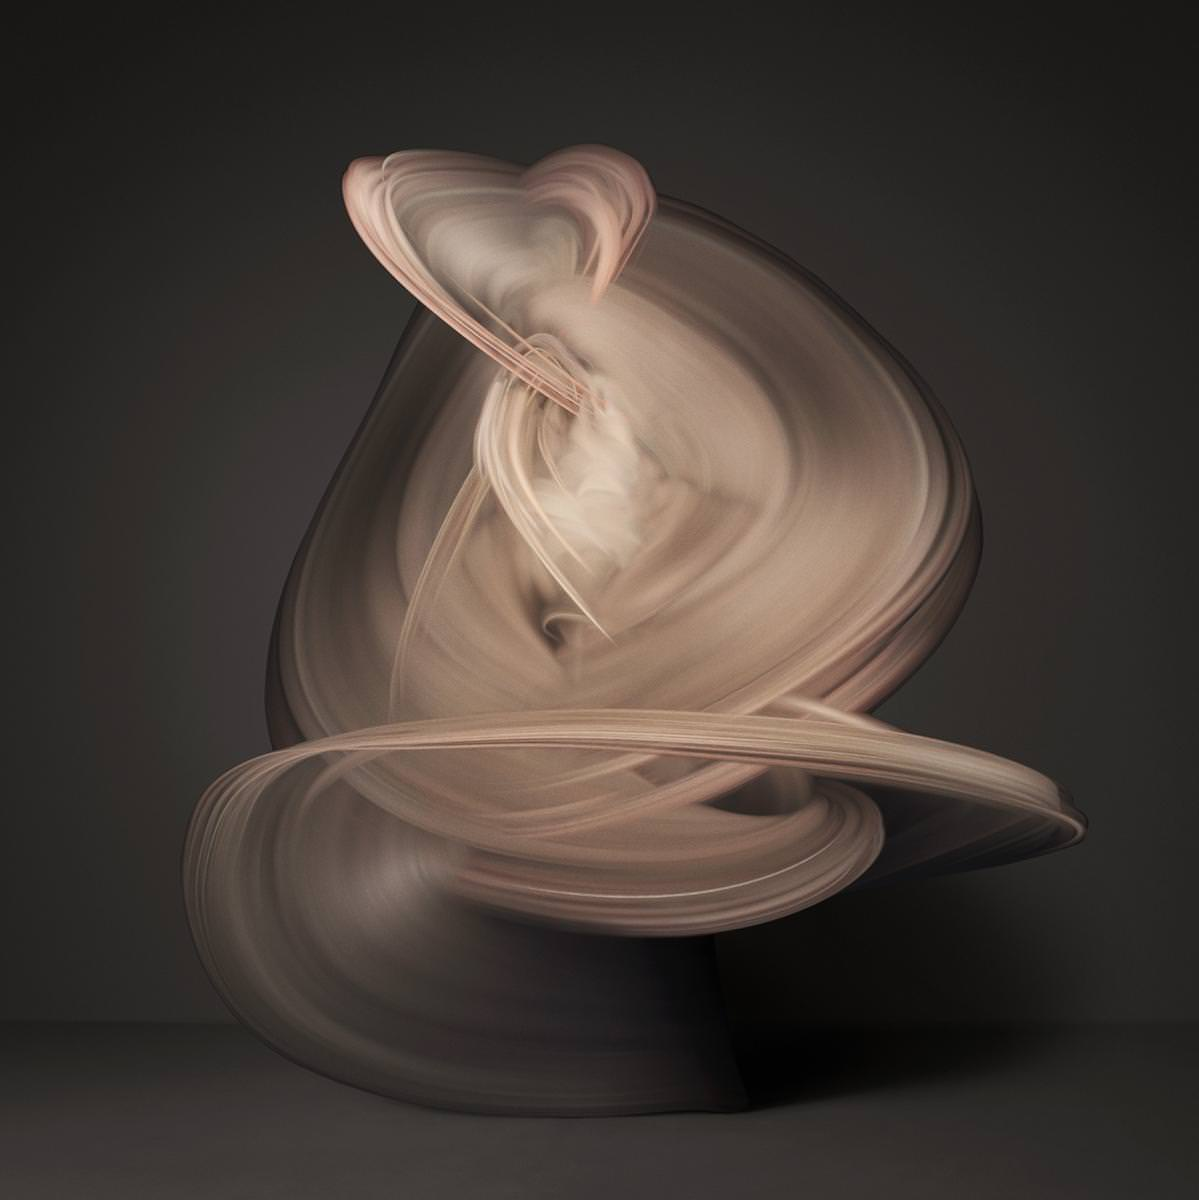 裸体をとても美しい形で表現した写真:SHINICHI MARUYAMA